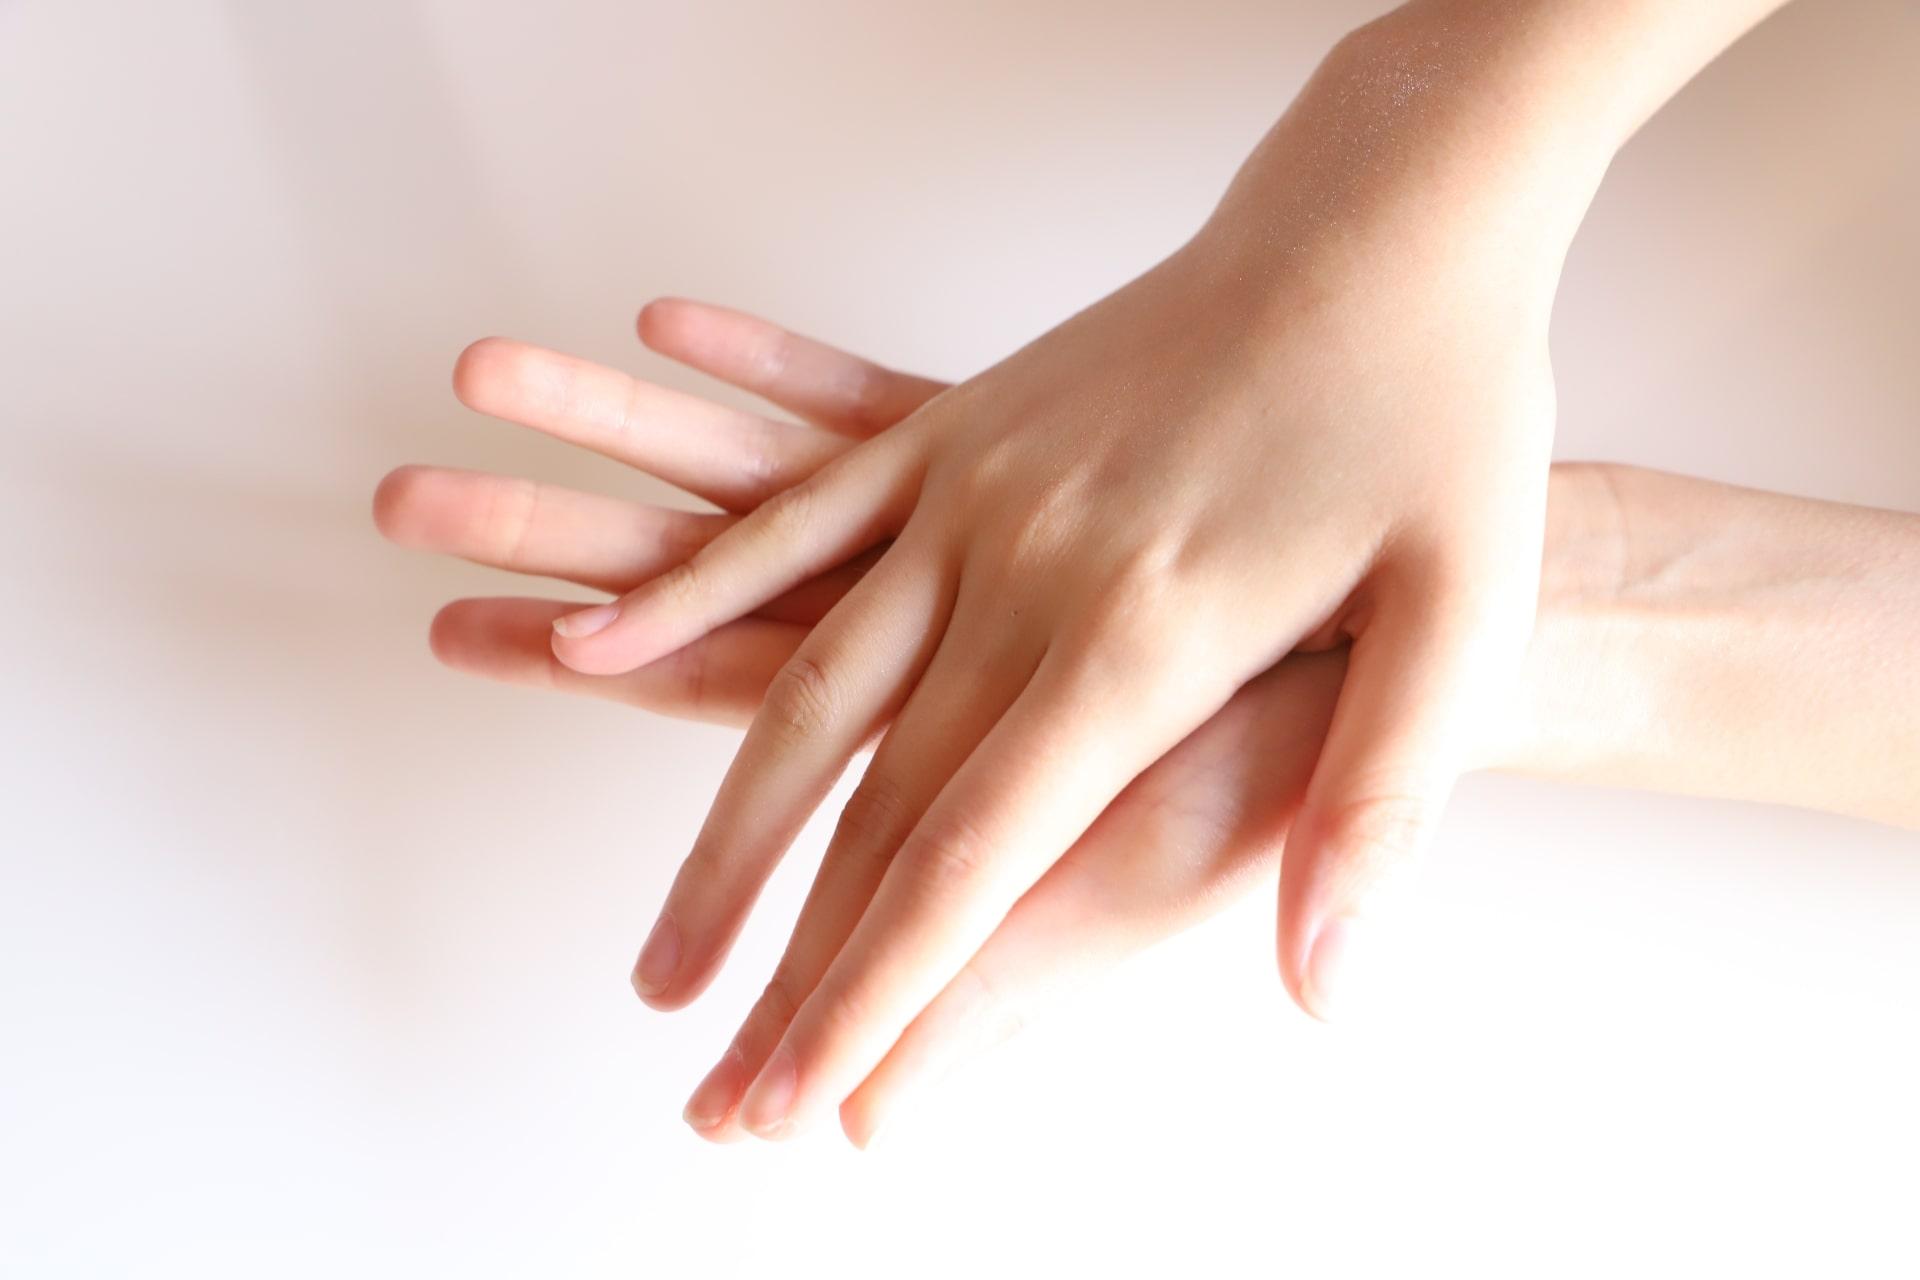 習慣にできそうなハンドケアで手を労わってあげましょう!